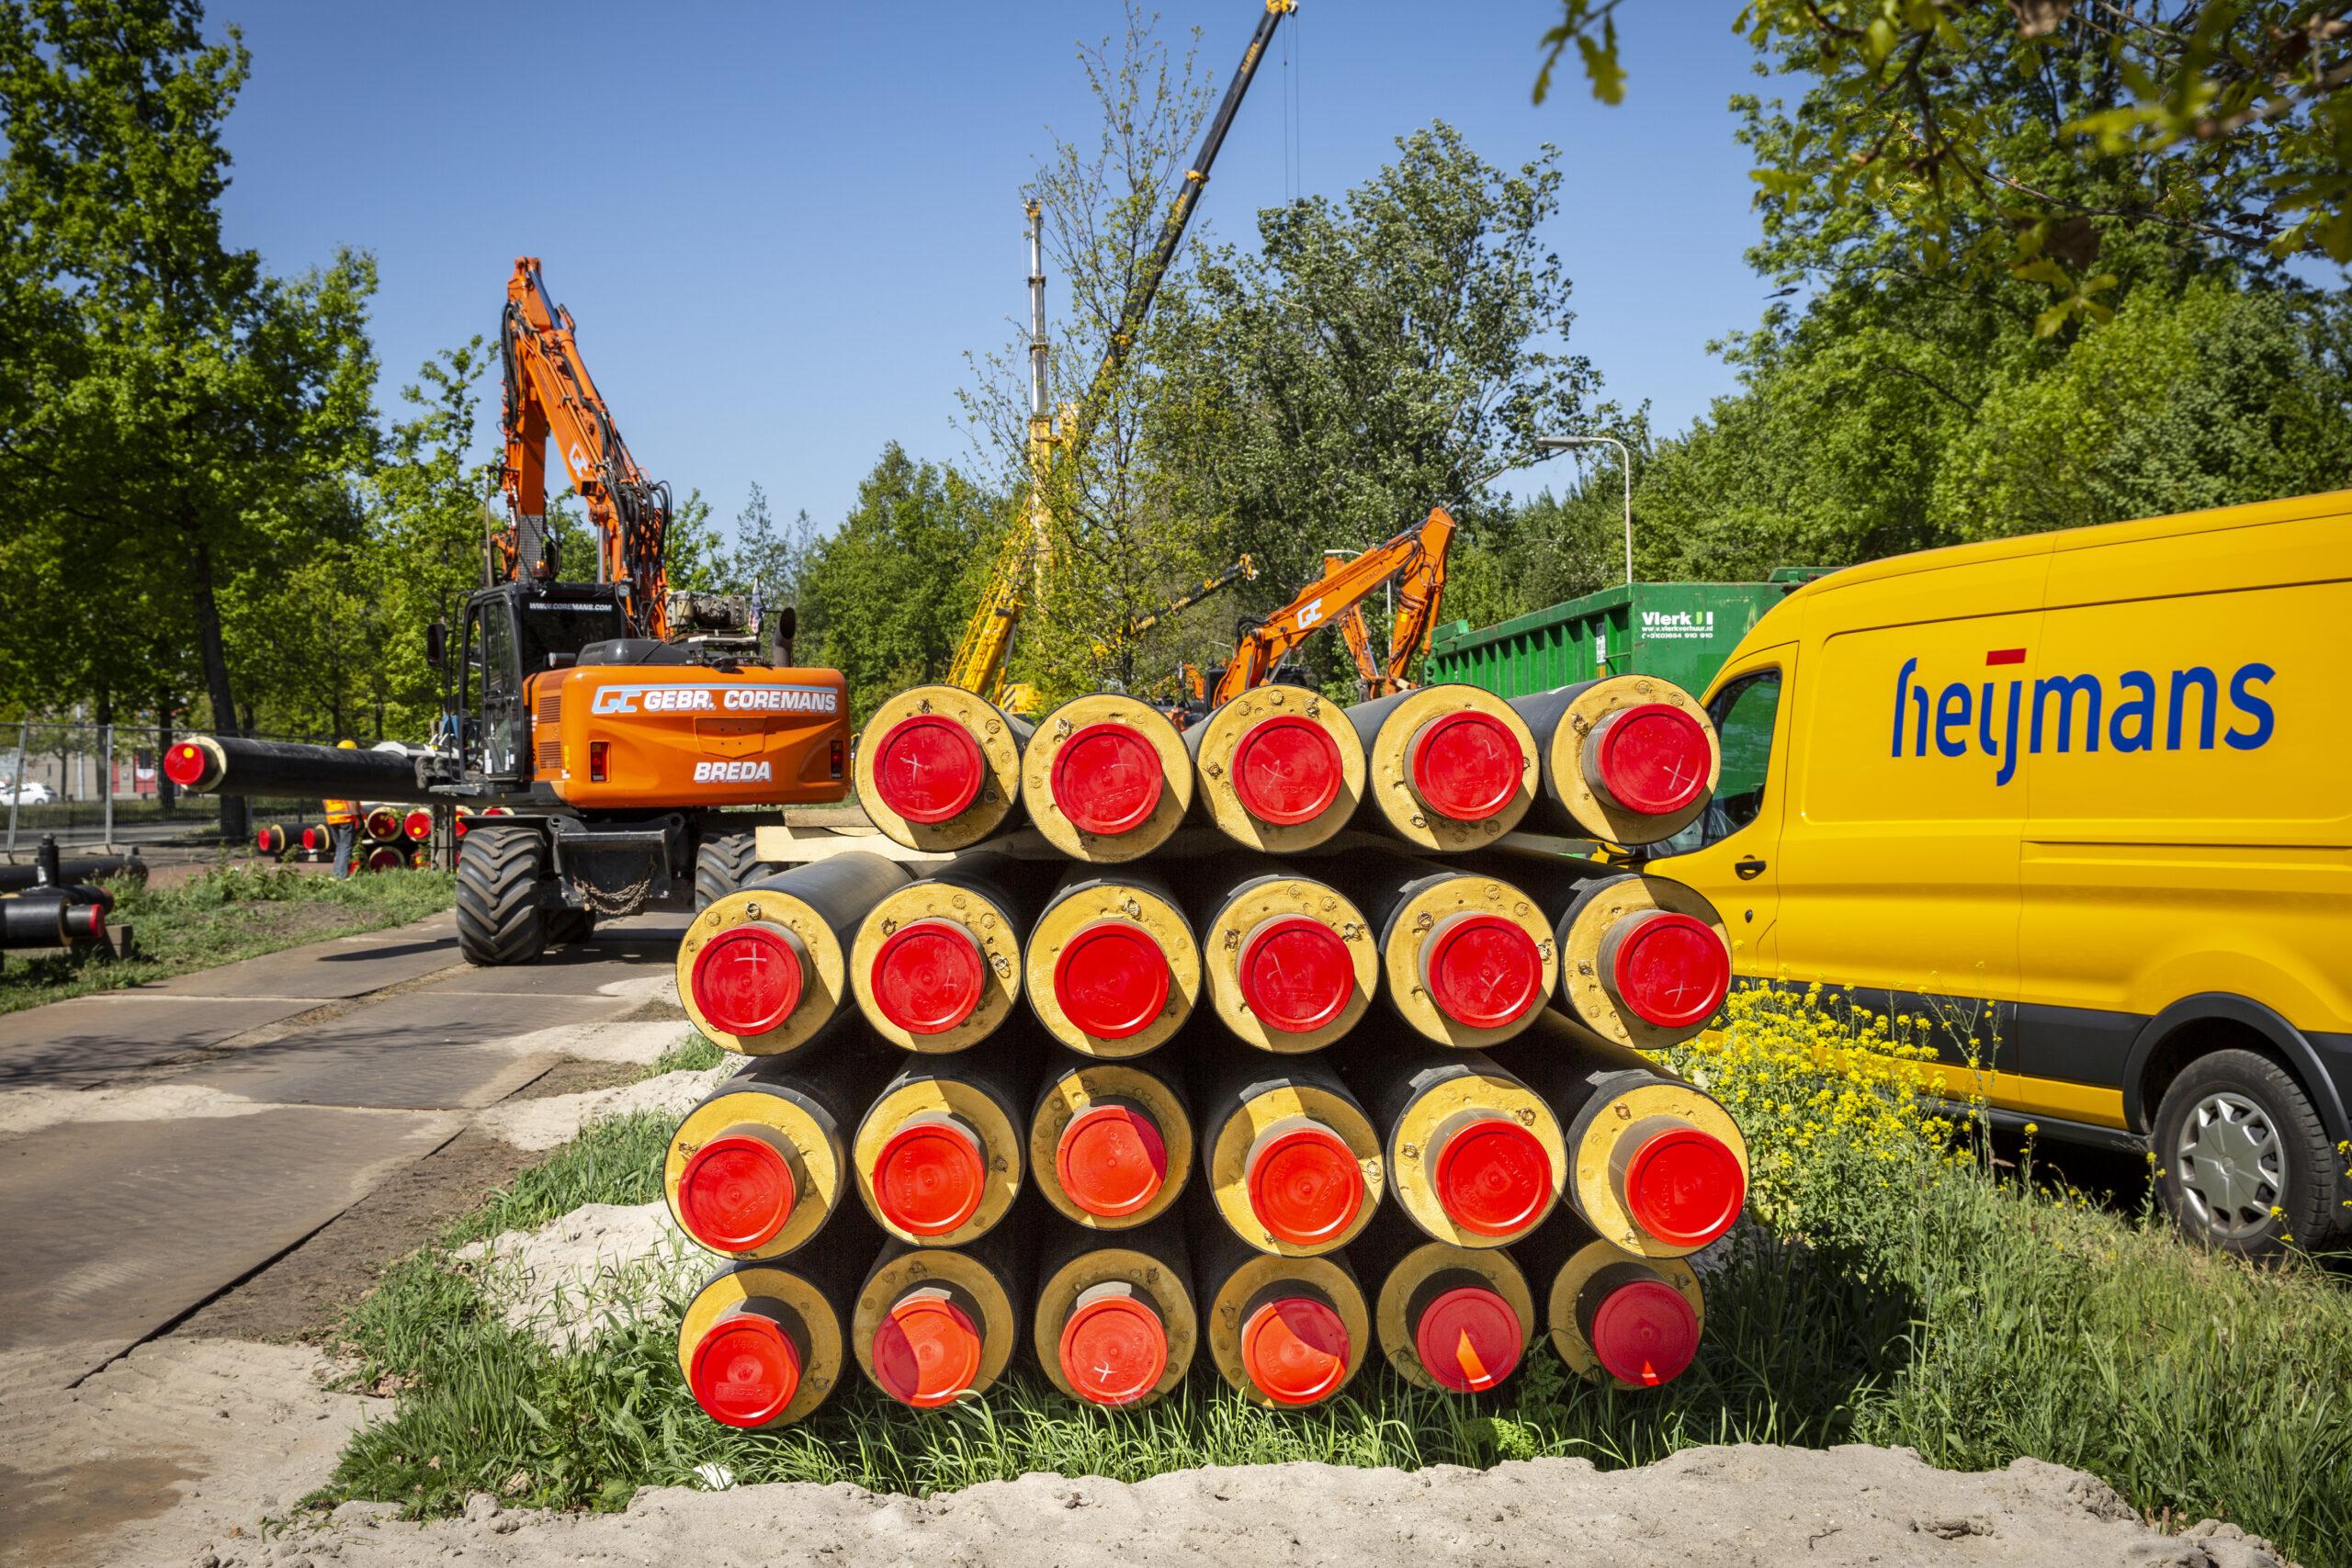 Stedin gaat aardgasnet toch deels vervangen in Utrechtse wijk Overvecht